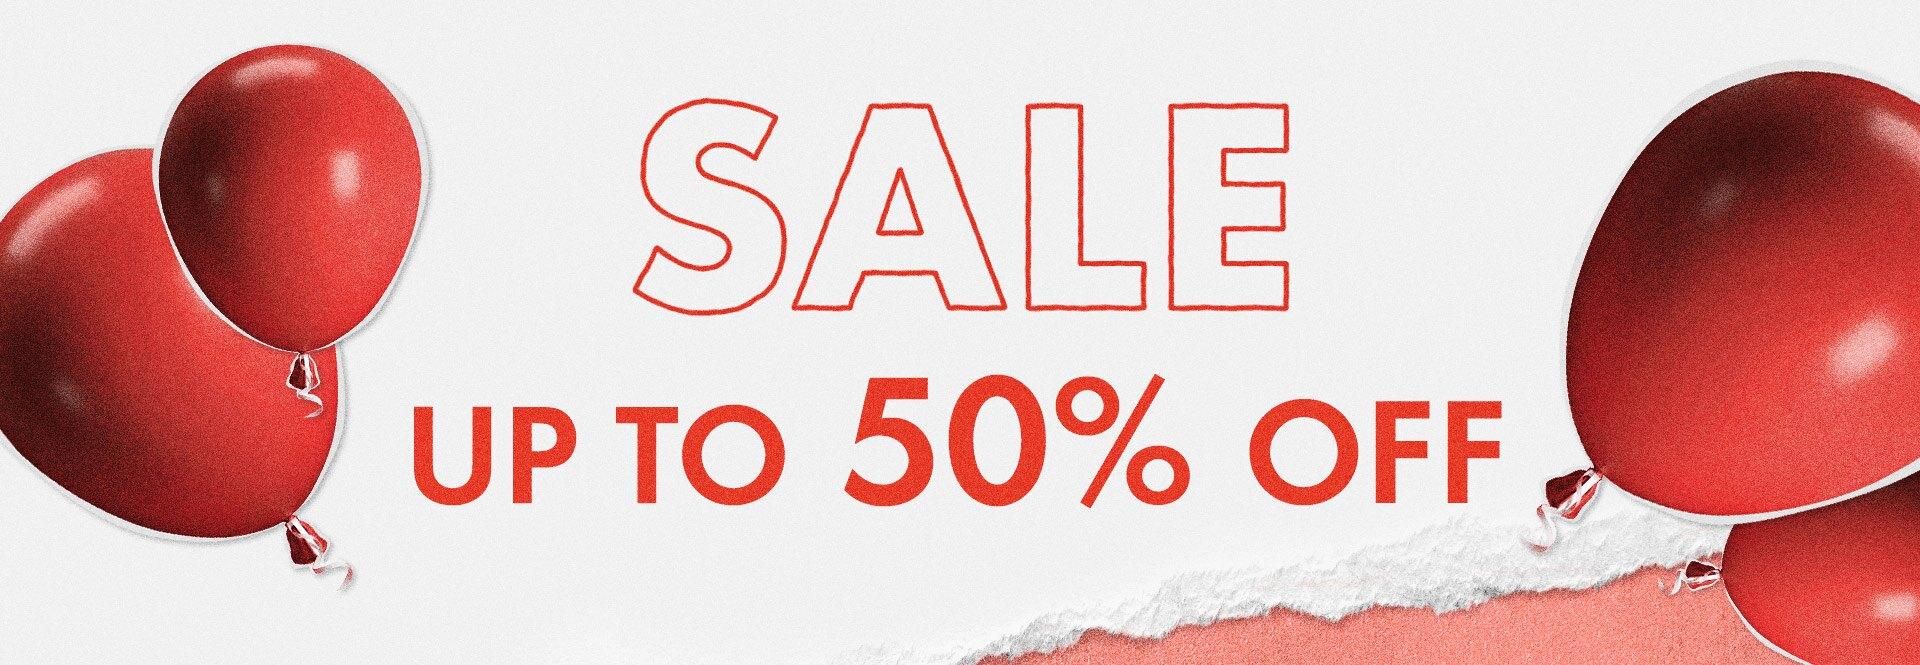 Swarovski sale up to 50% off